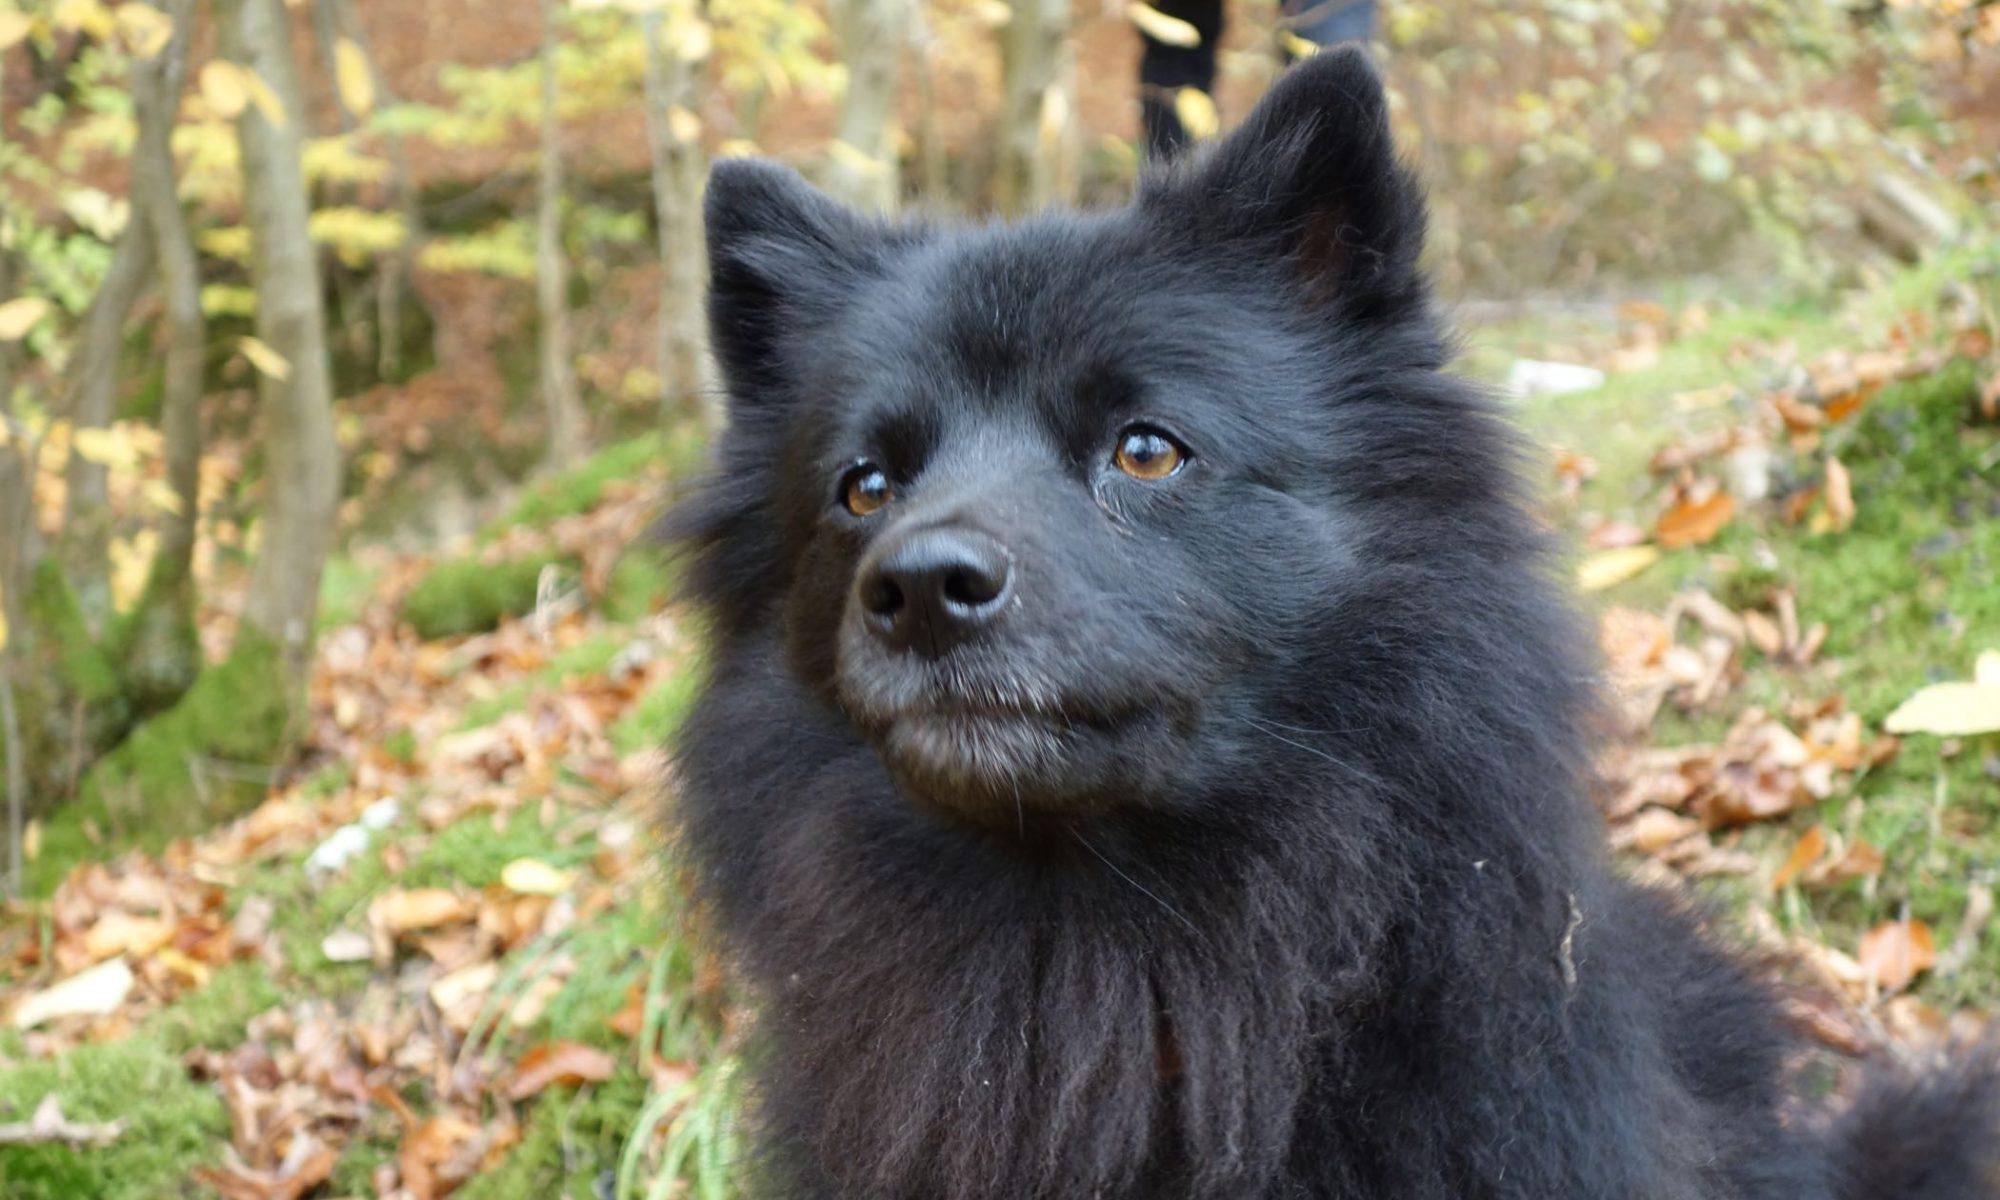 Großspitz vor den Buchenstämmen im Herbstwald - seelenvoll blickt sie in die Kamera